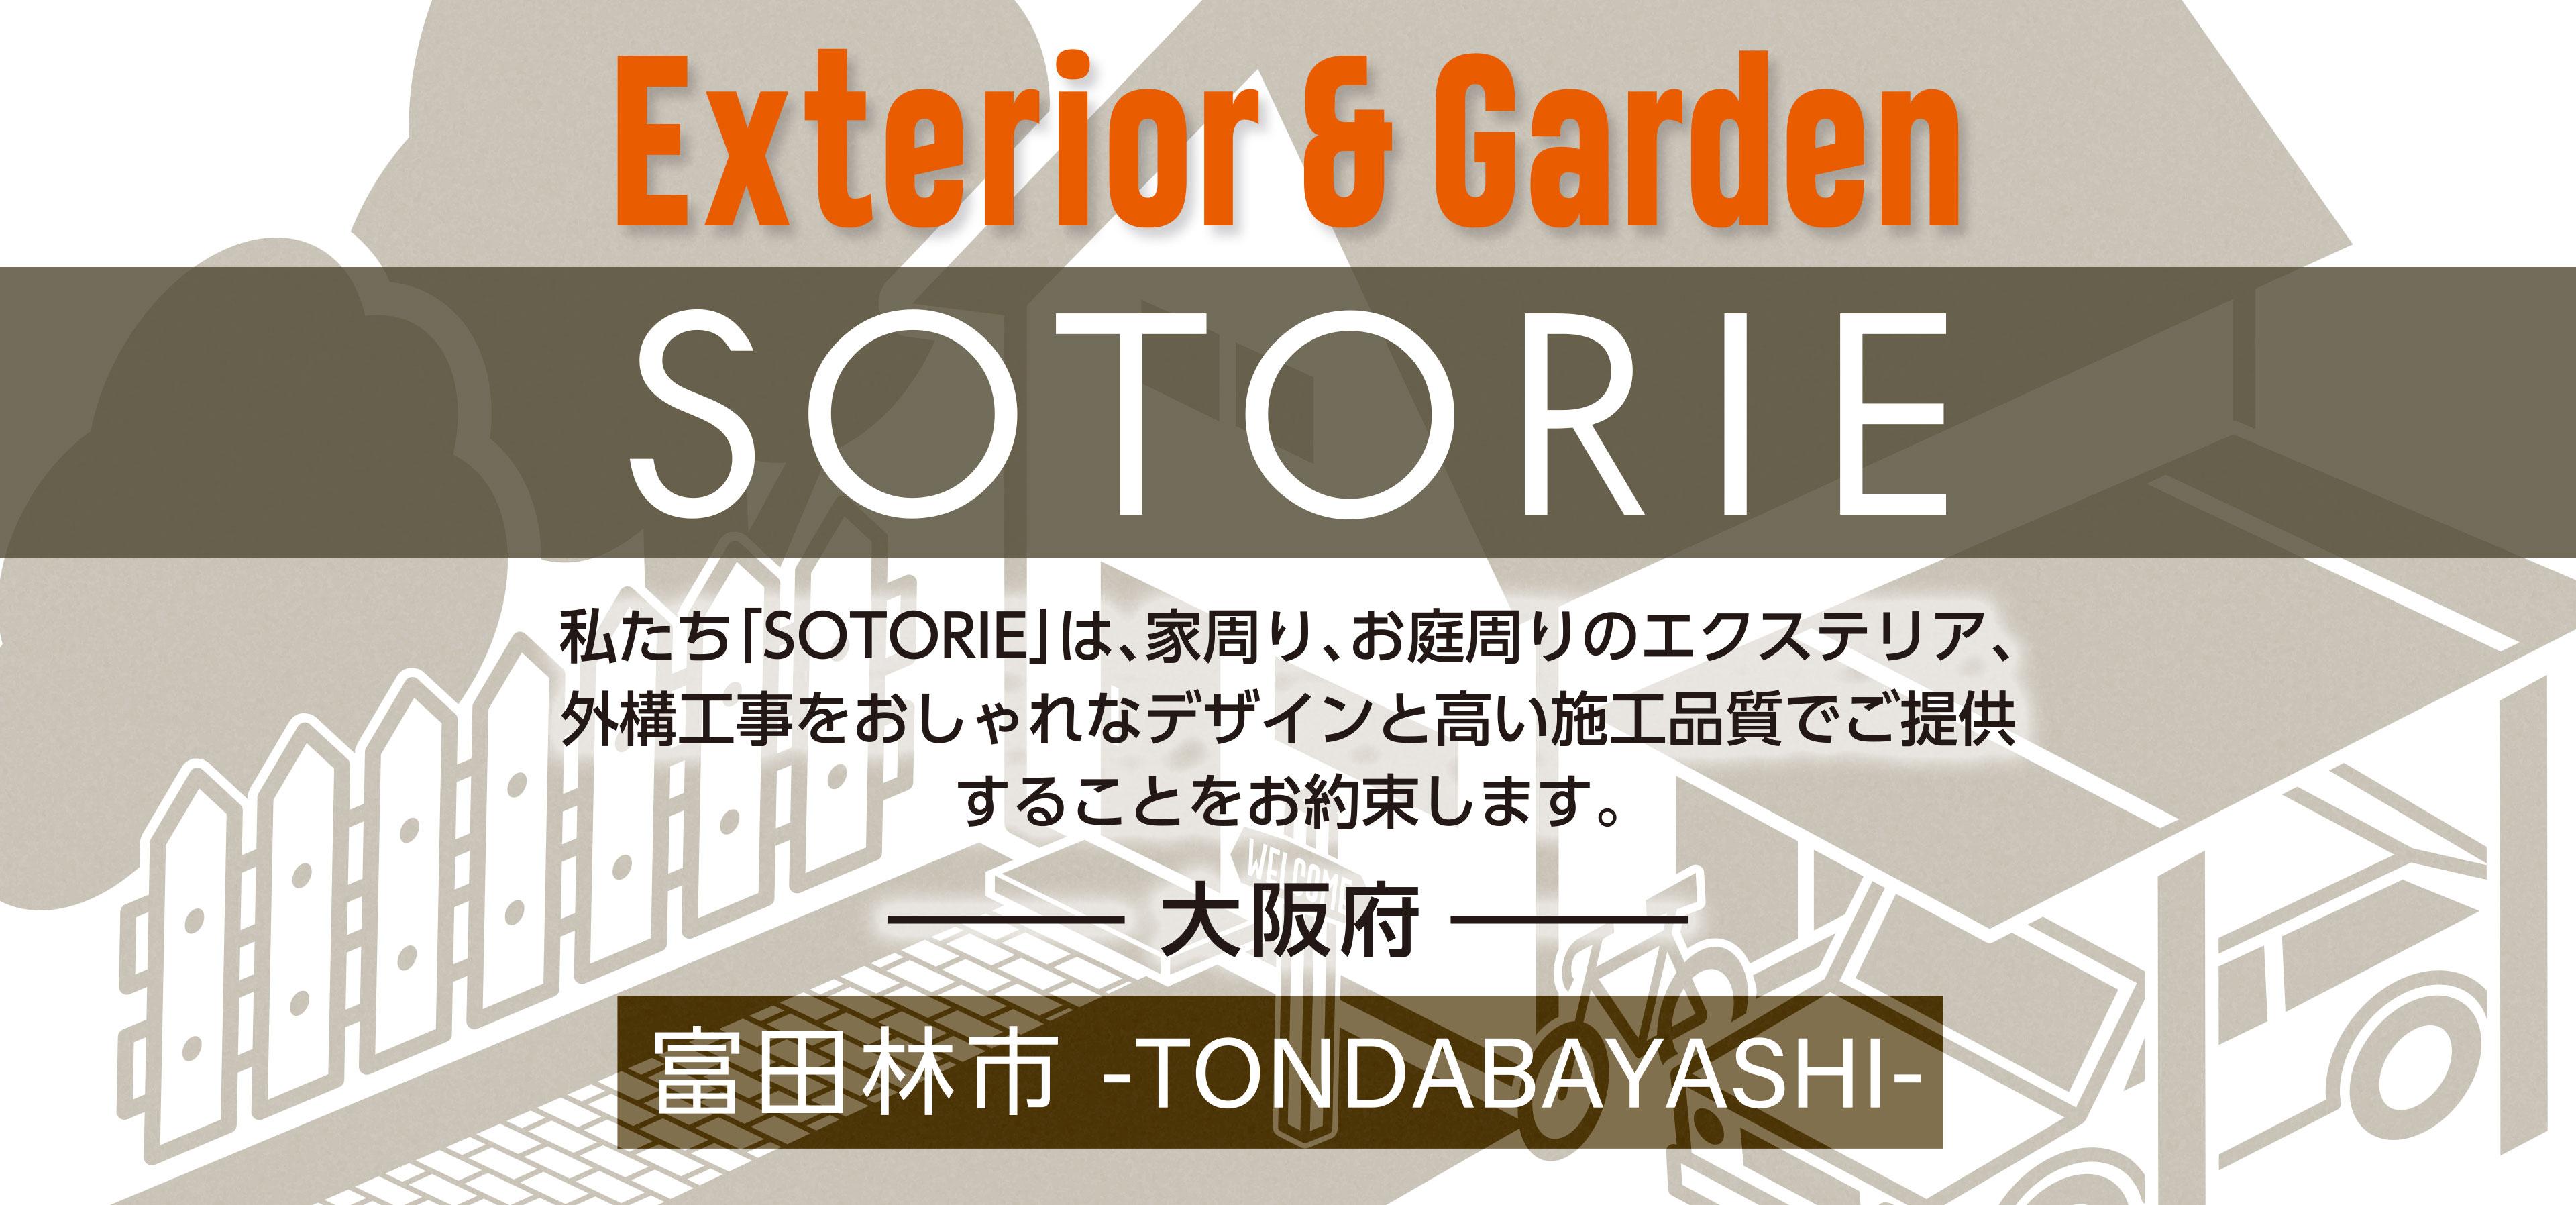 ソトリエ富田林市では、家周りと庭周りの外構、エクステリア工事をおしゃれなデザインと高い施工品質でご提供することをお約束します。